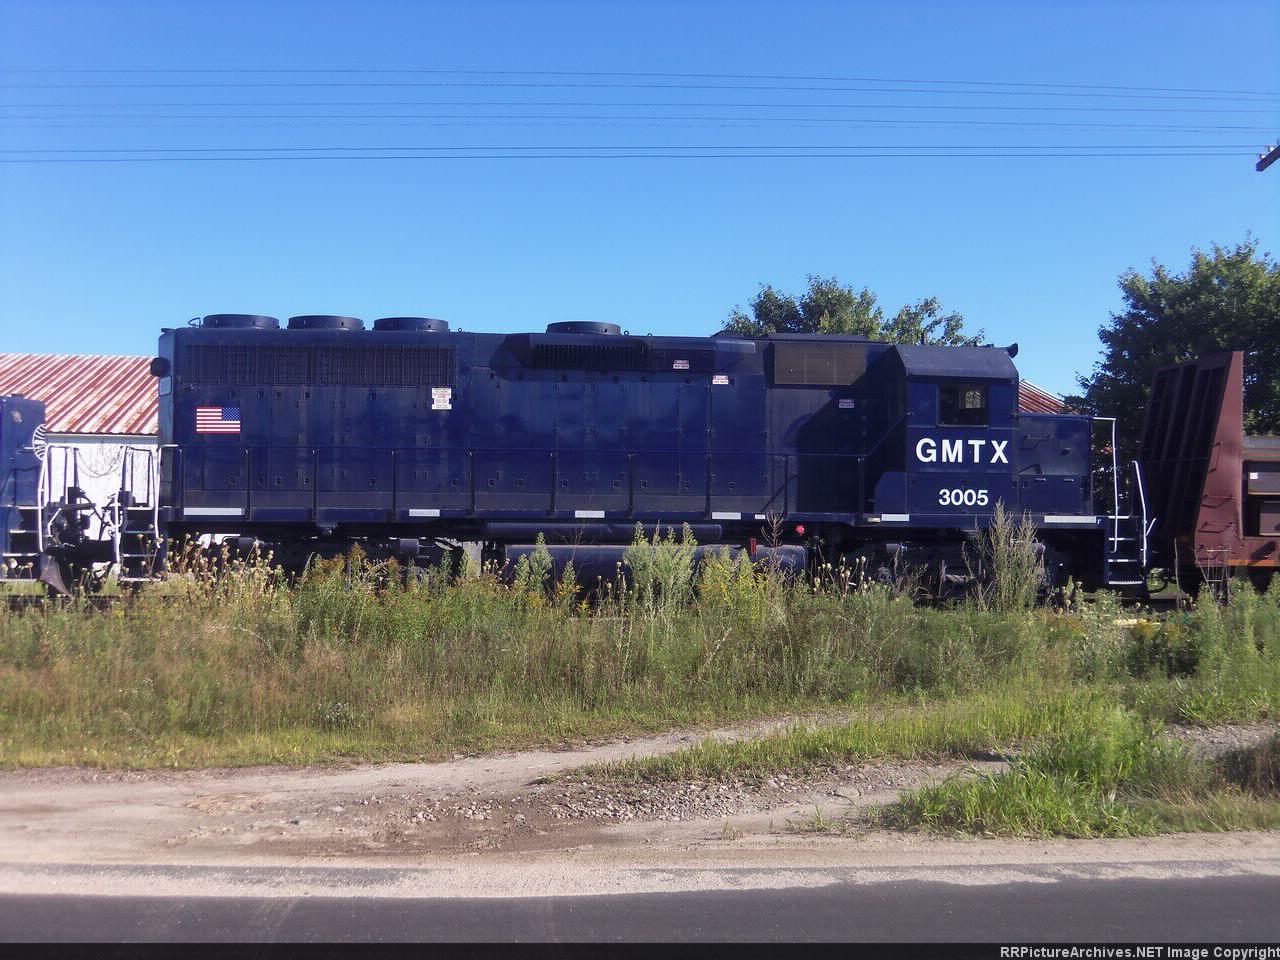 GMTX 3005